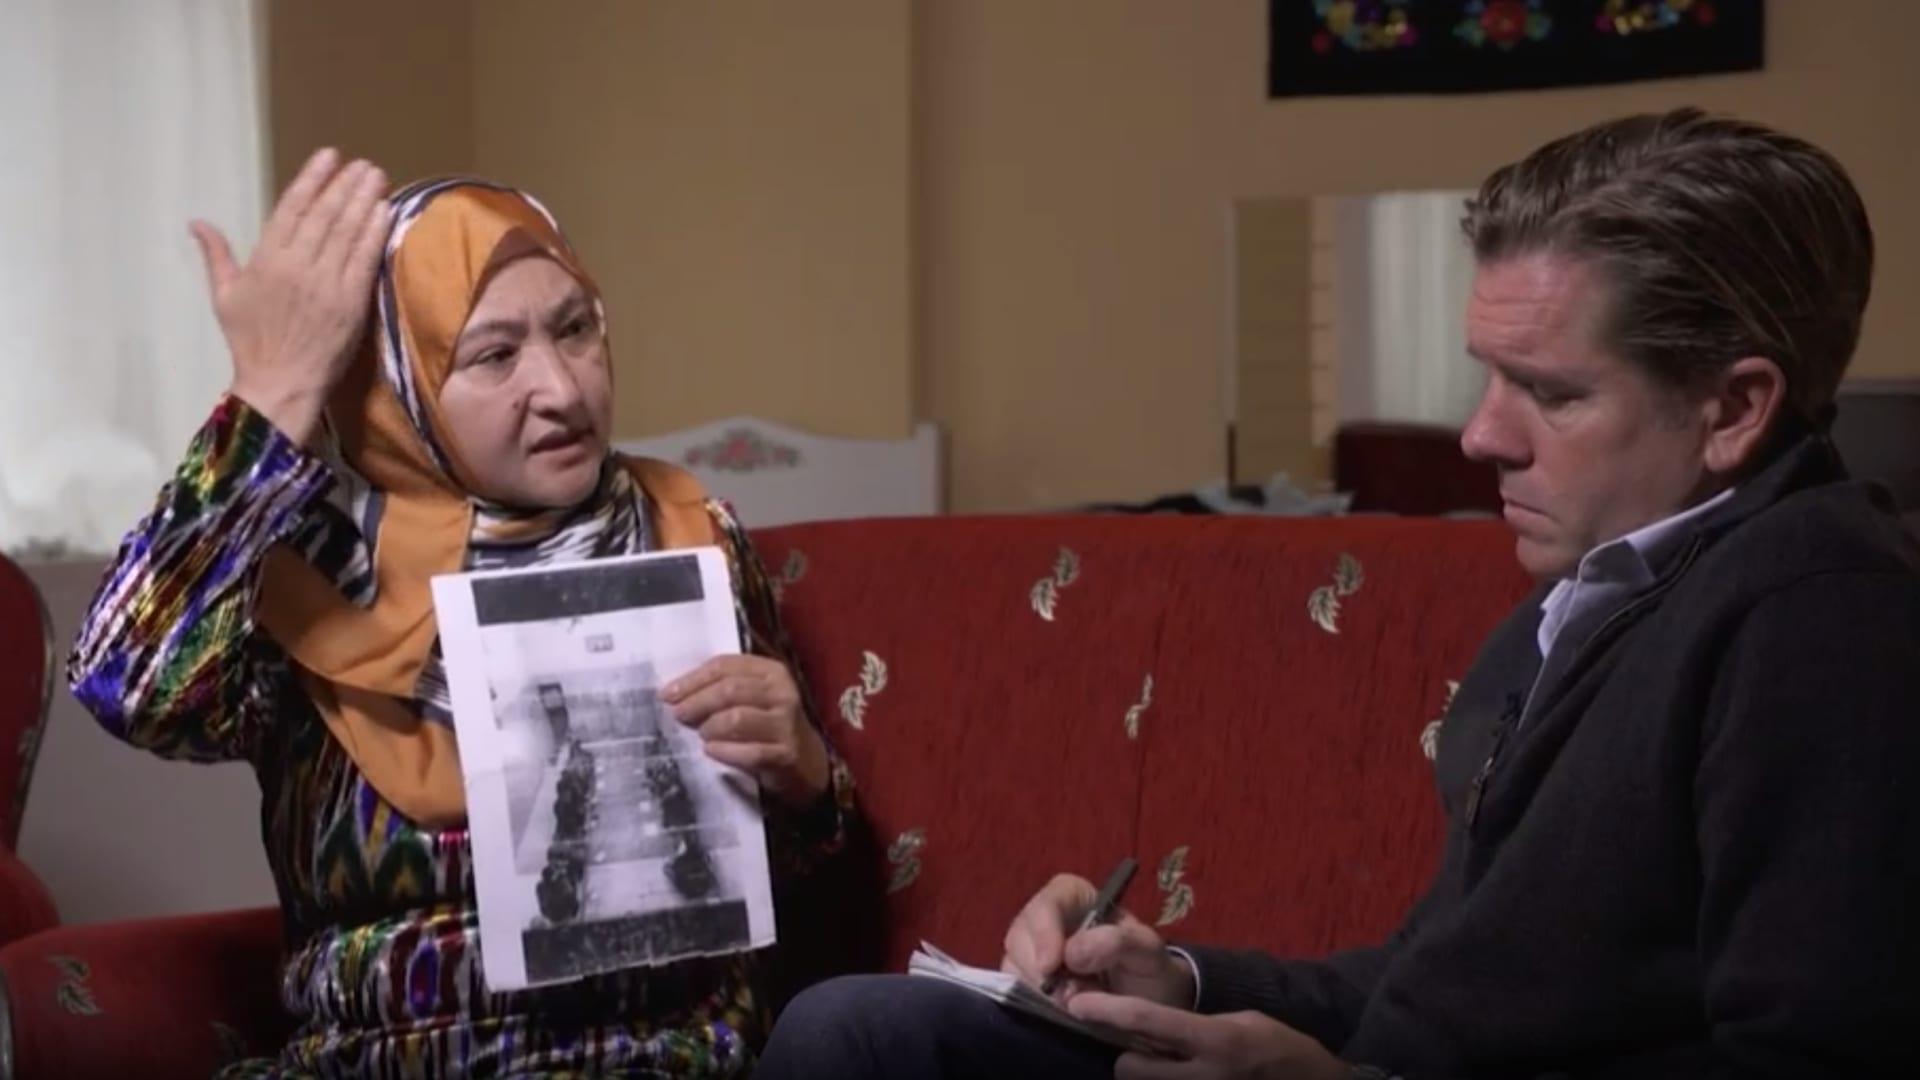 اغتصاب وتعذيب وتحديد نسل قسري.. حرب الصين على نساء الإيغور المسلمات